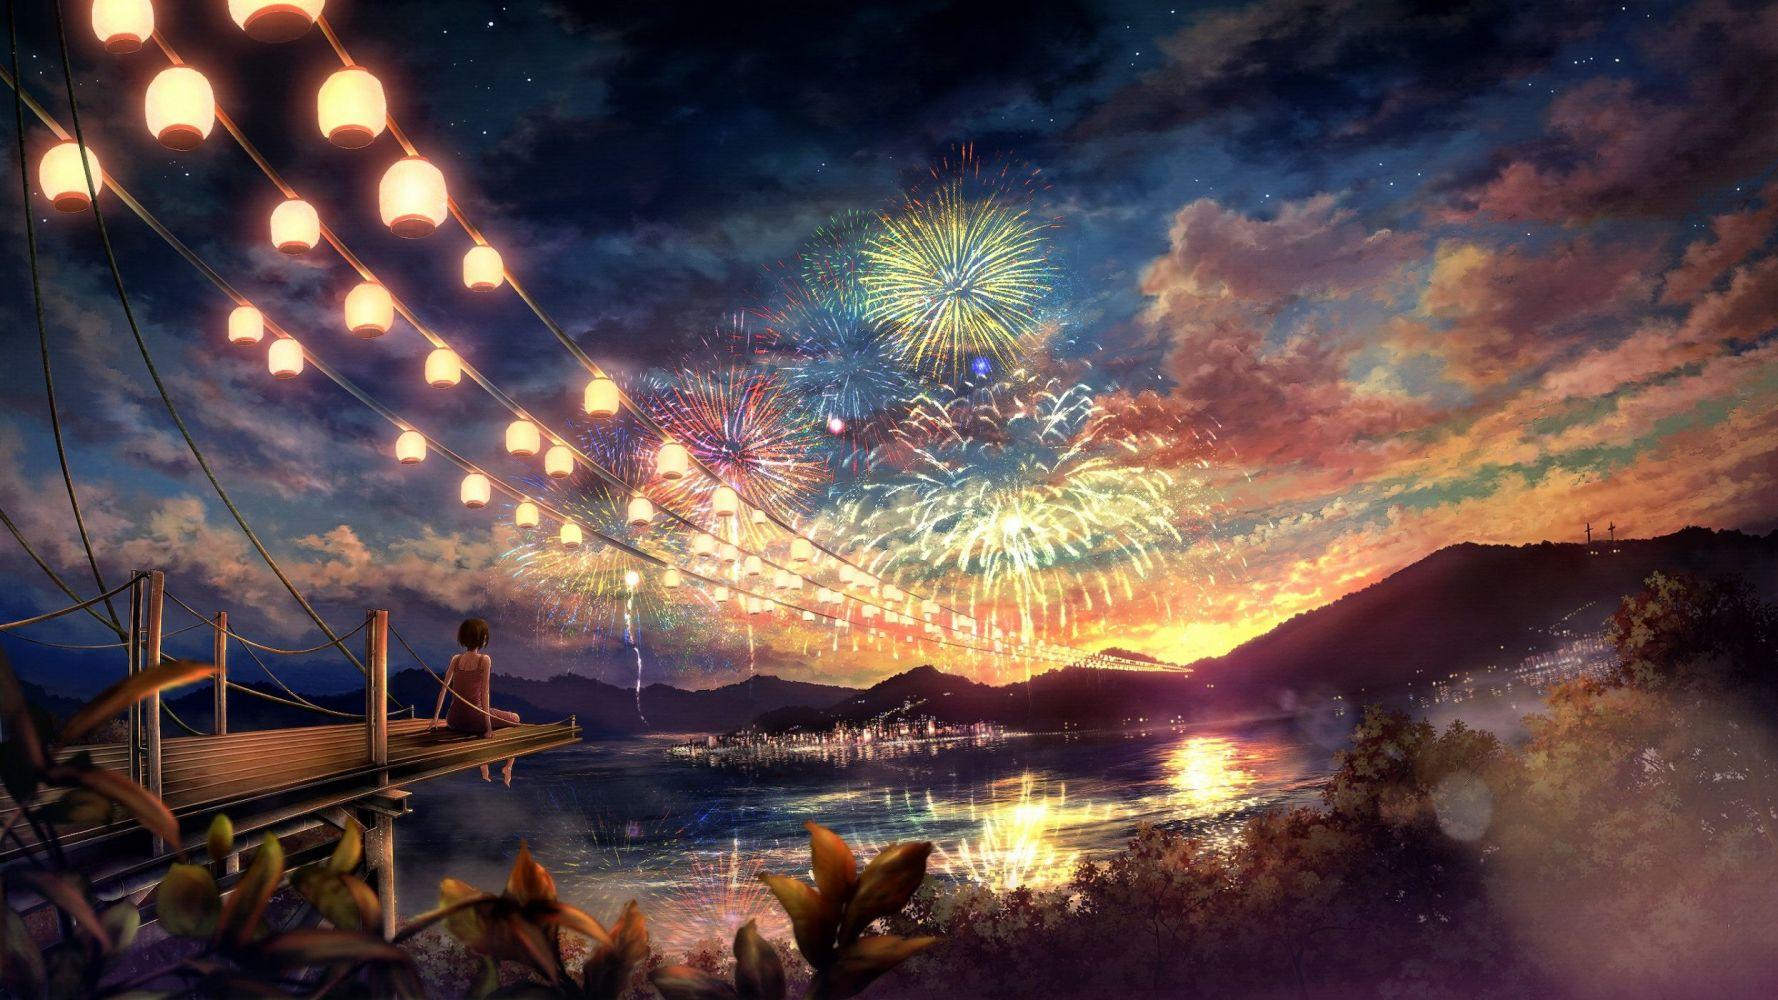 Hình nền anime lễ hội pháo hoa